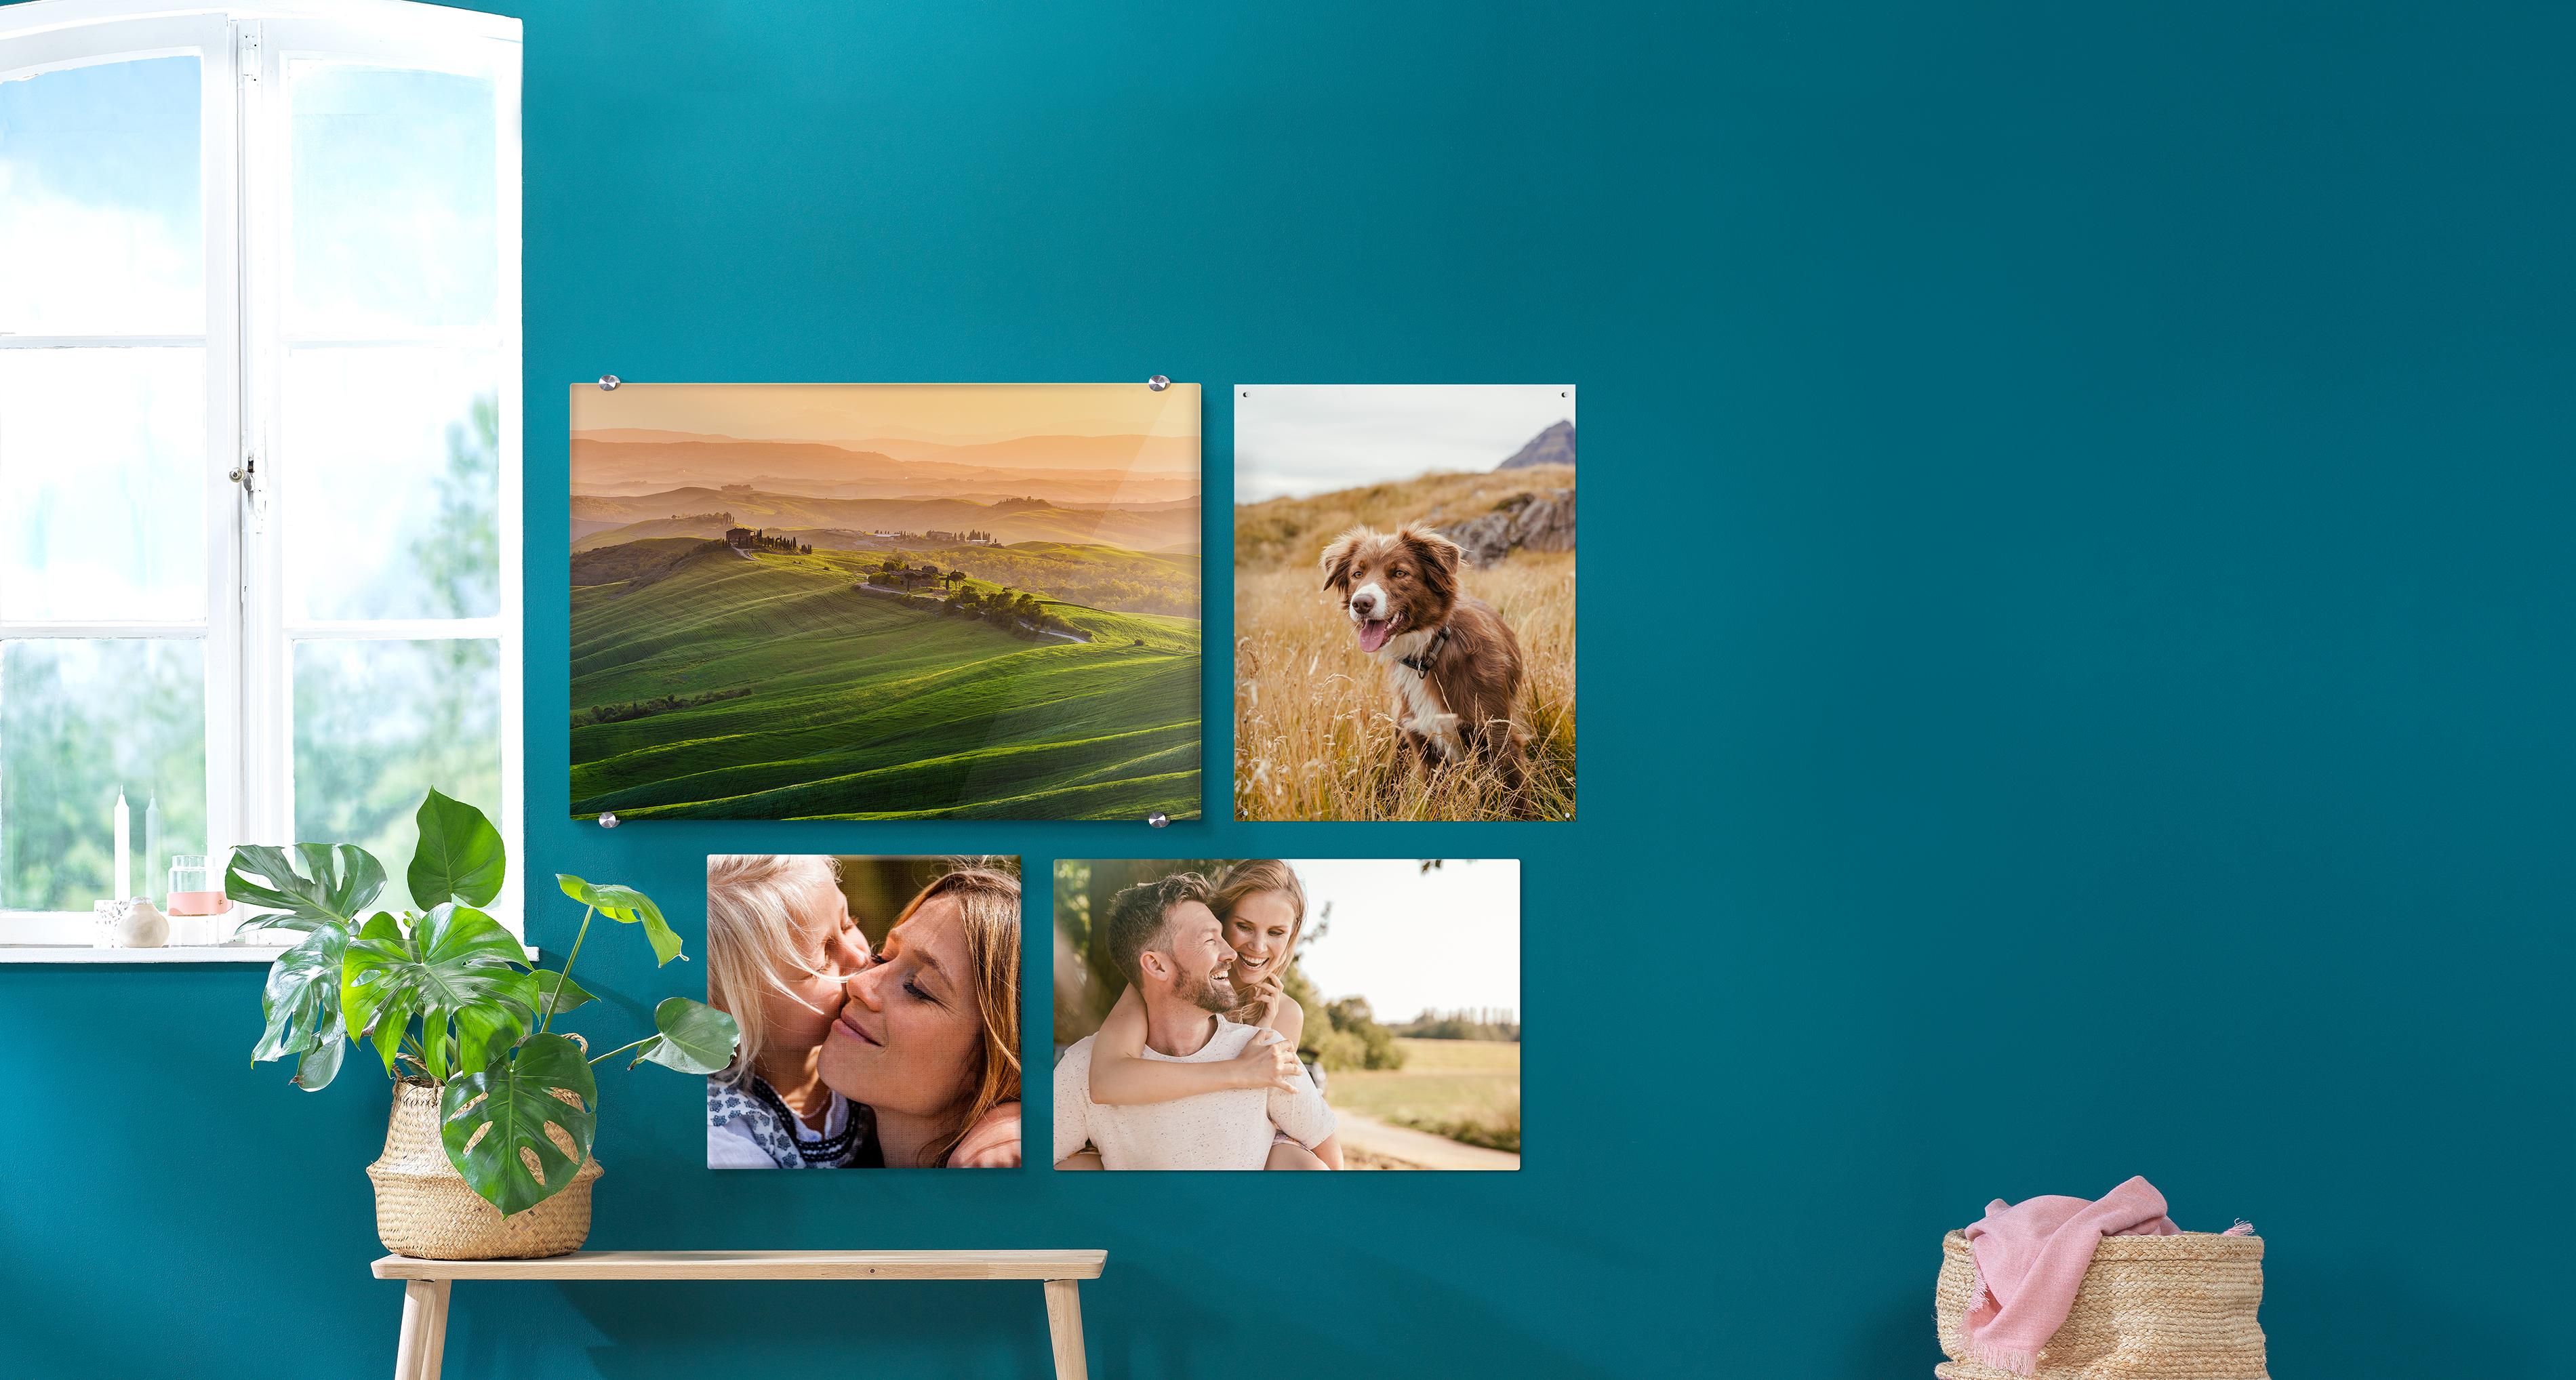 Fotoleinwand 40x30 cm mit Wandhalterung Leinwand mit deinem Foto bedruckt